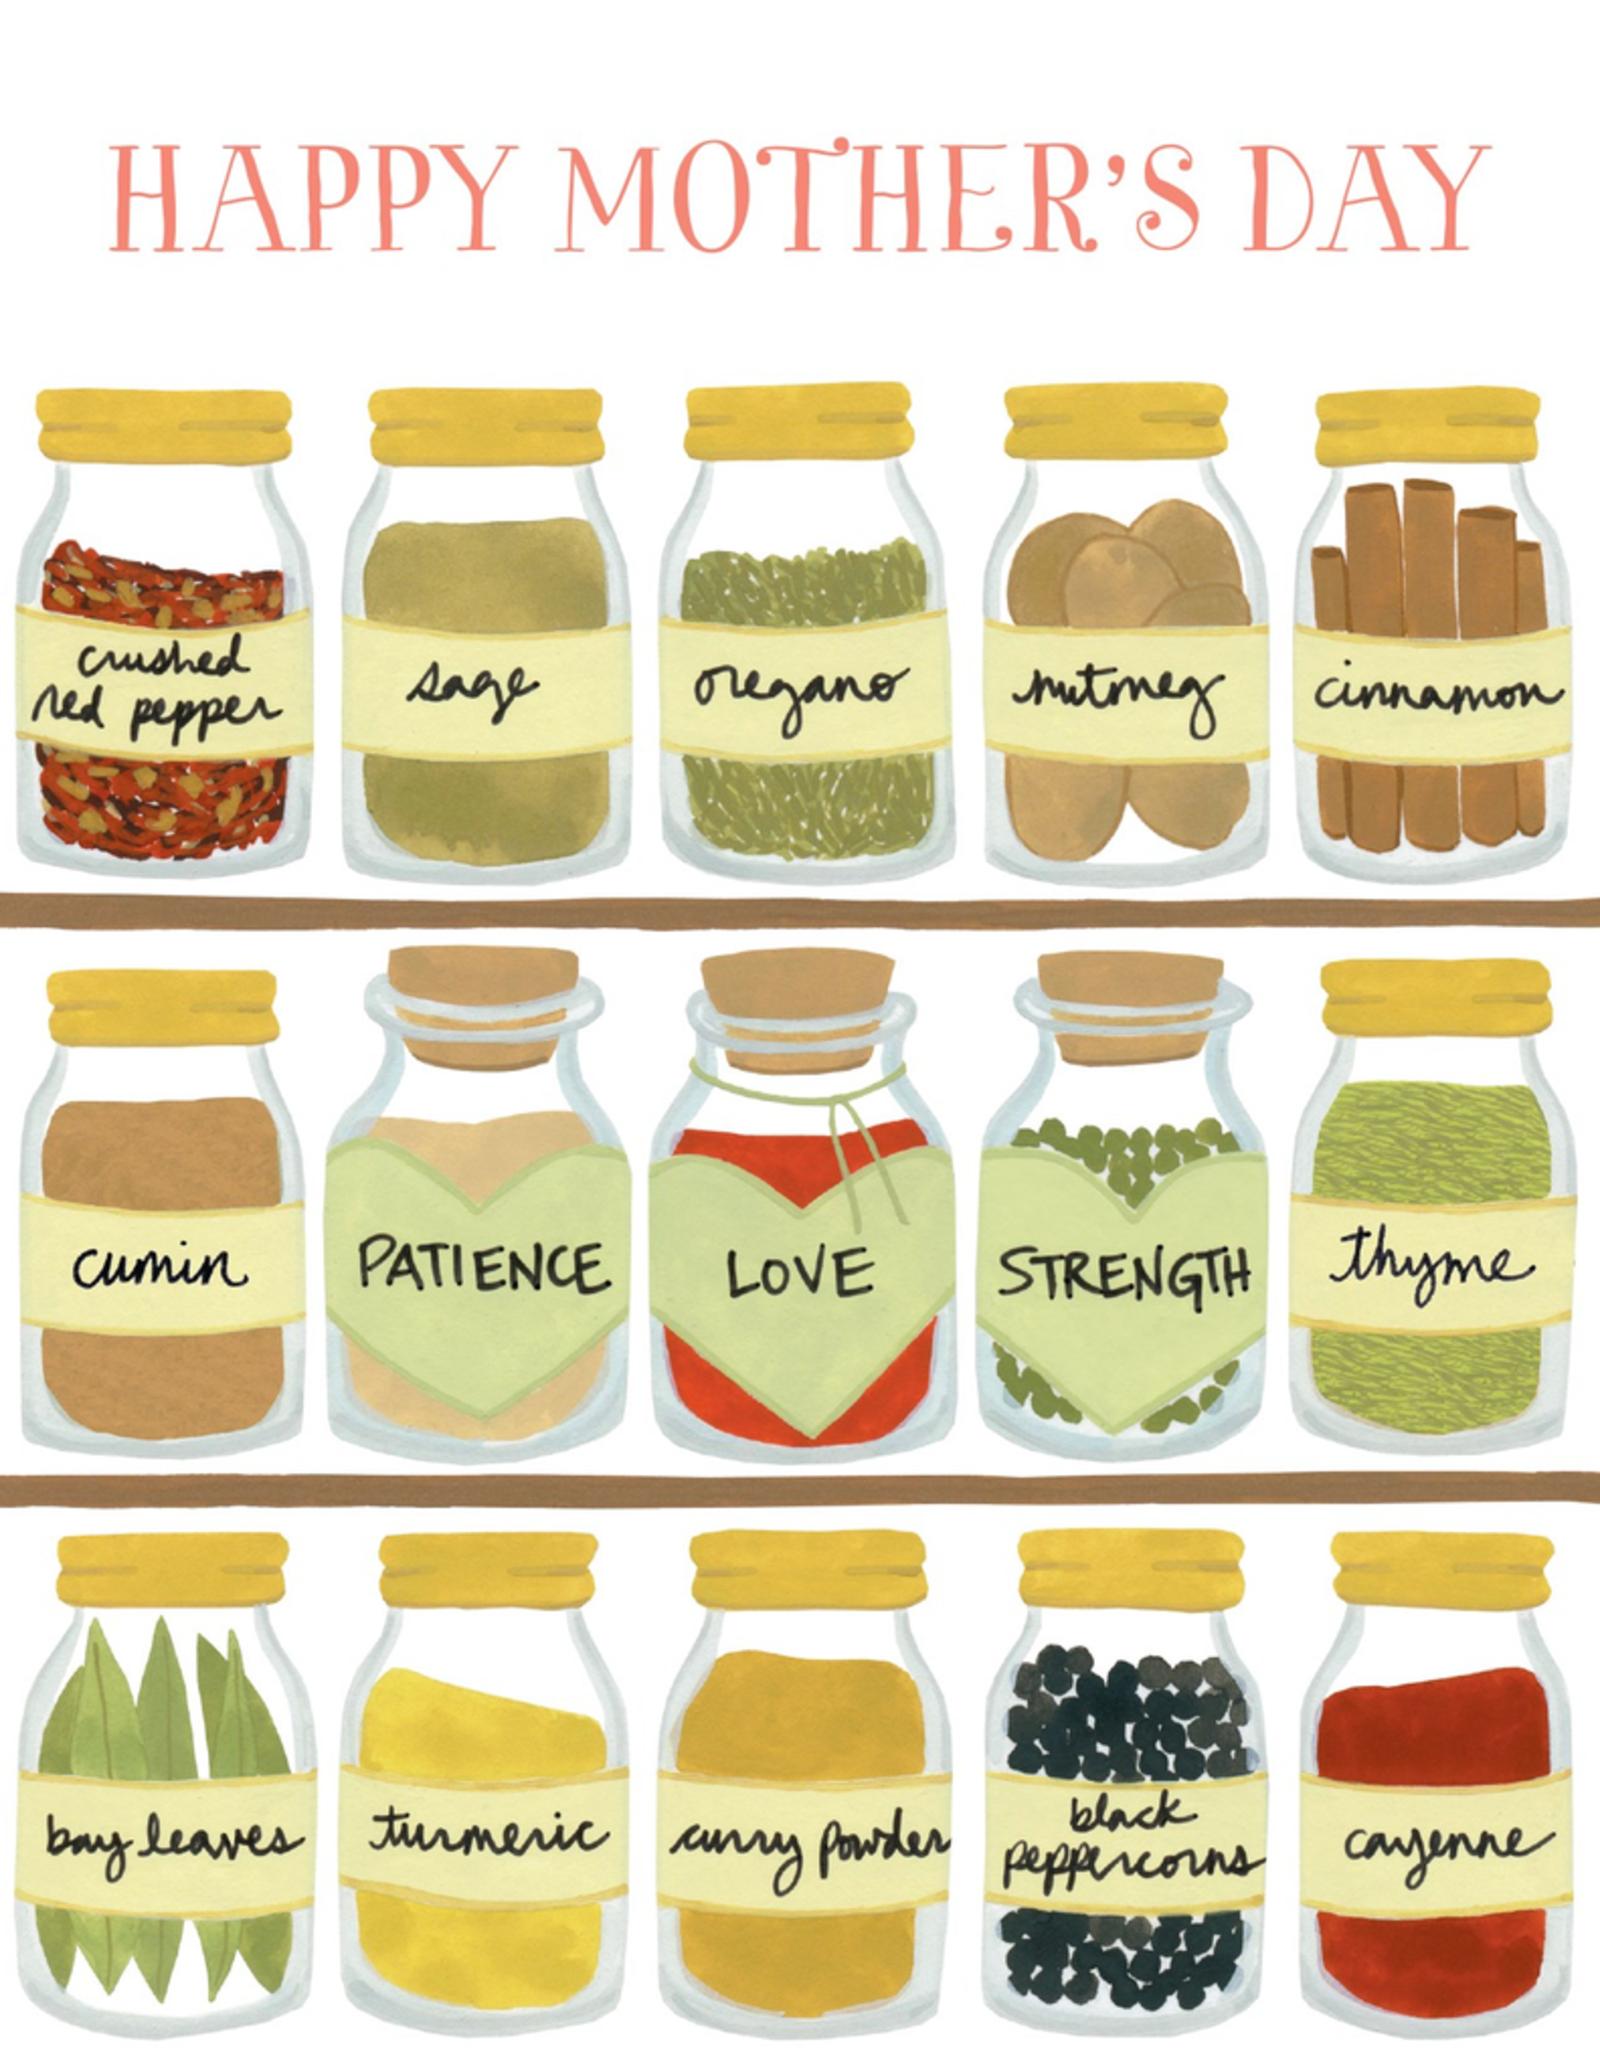 Paper E Clips Paper E Clips Spice Jars Card-105